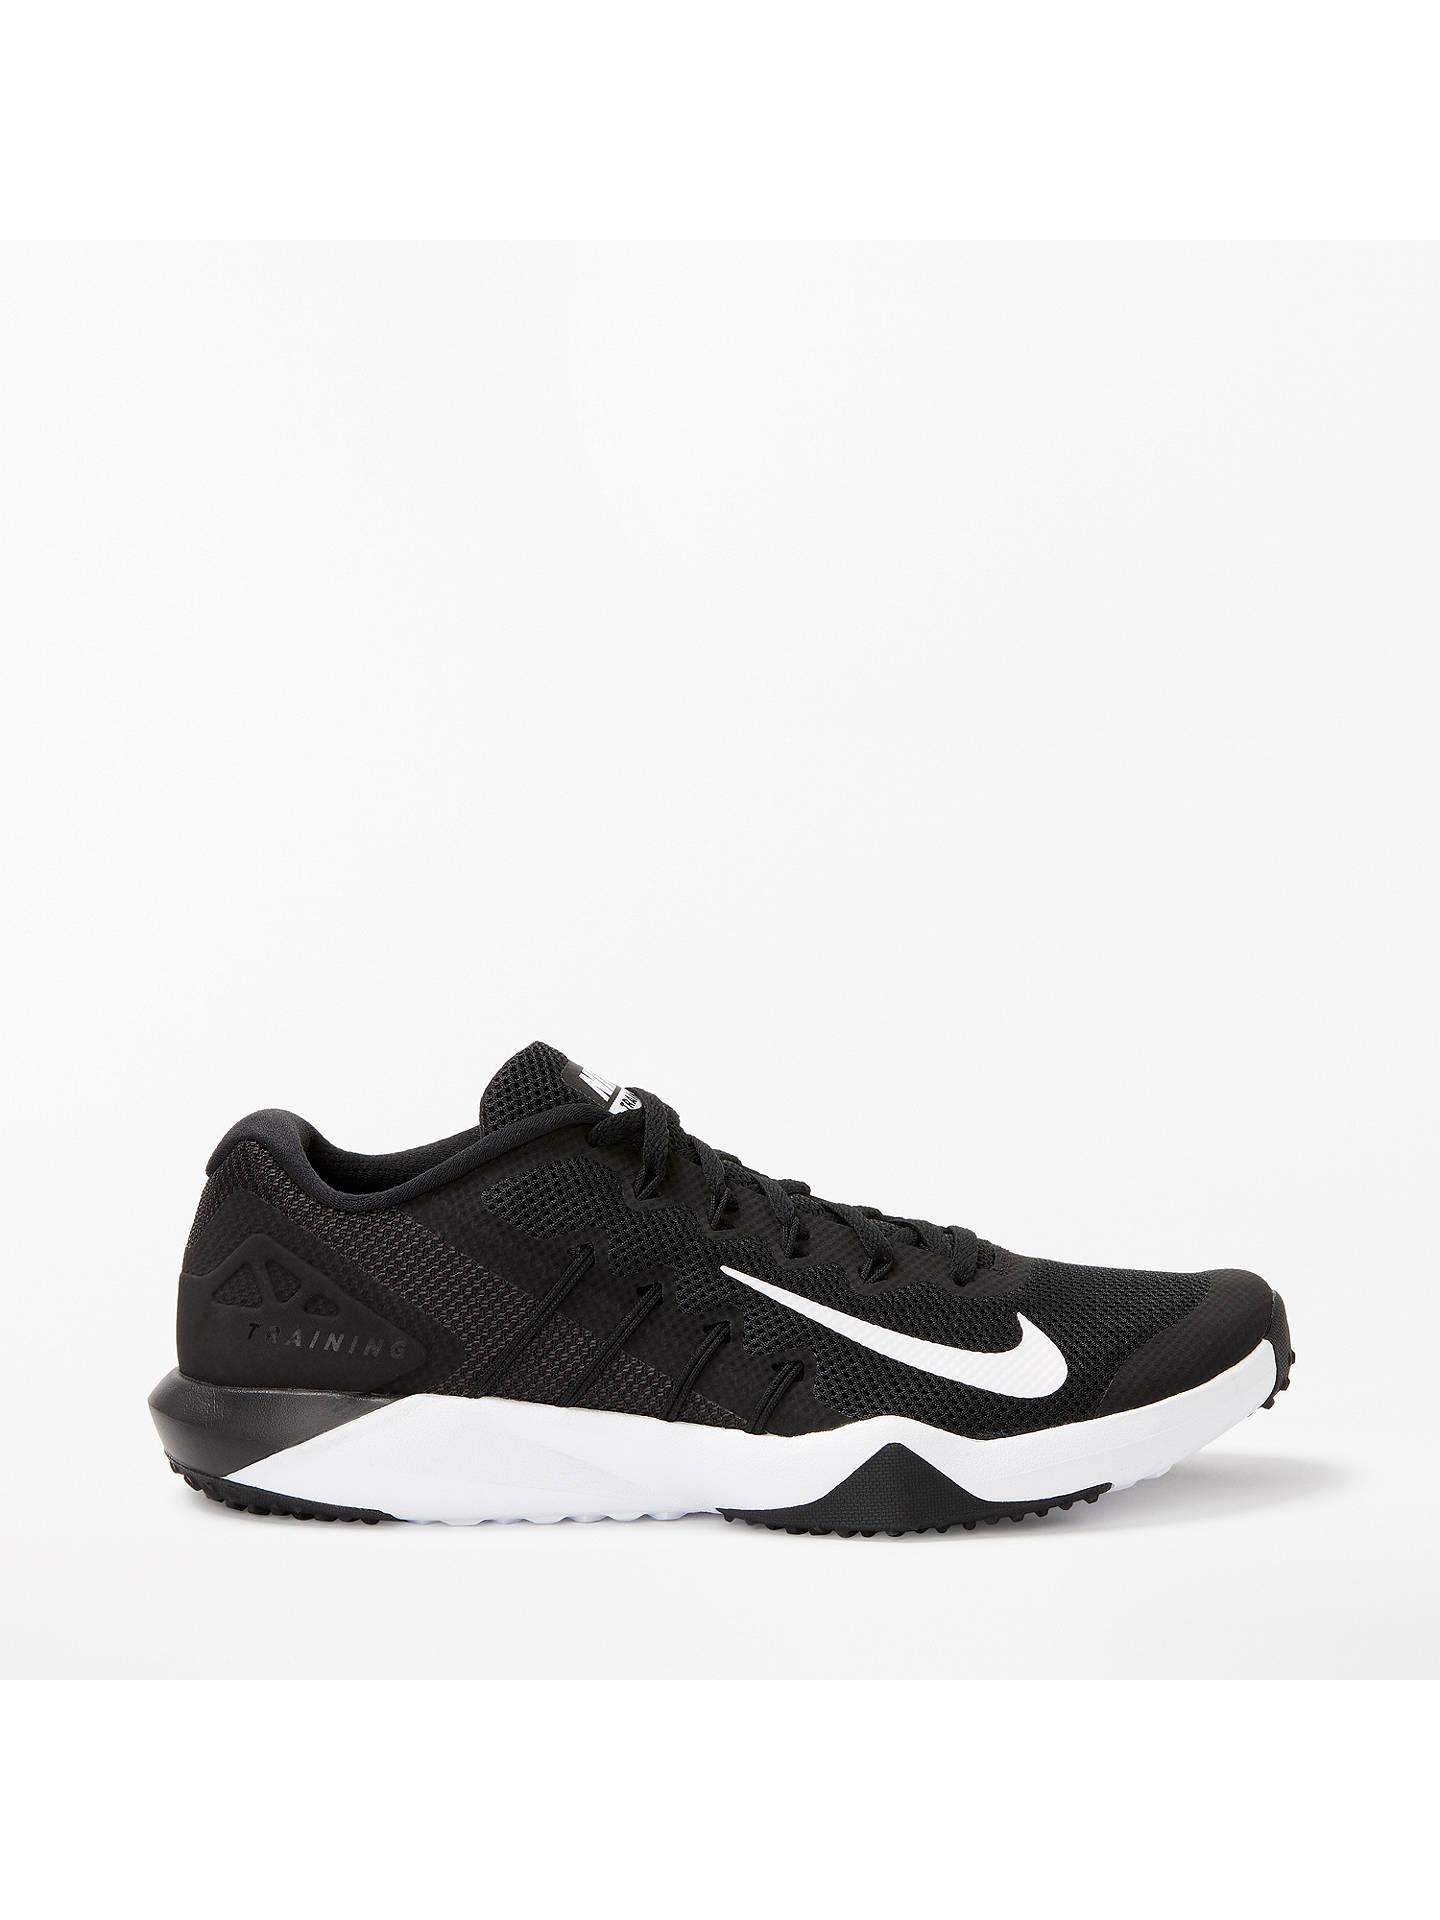 b9132ab73f39 Nike Retaliation 2 Men s Training Shoes